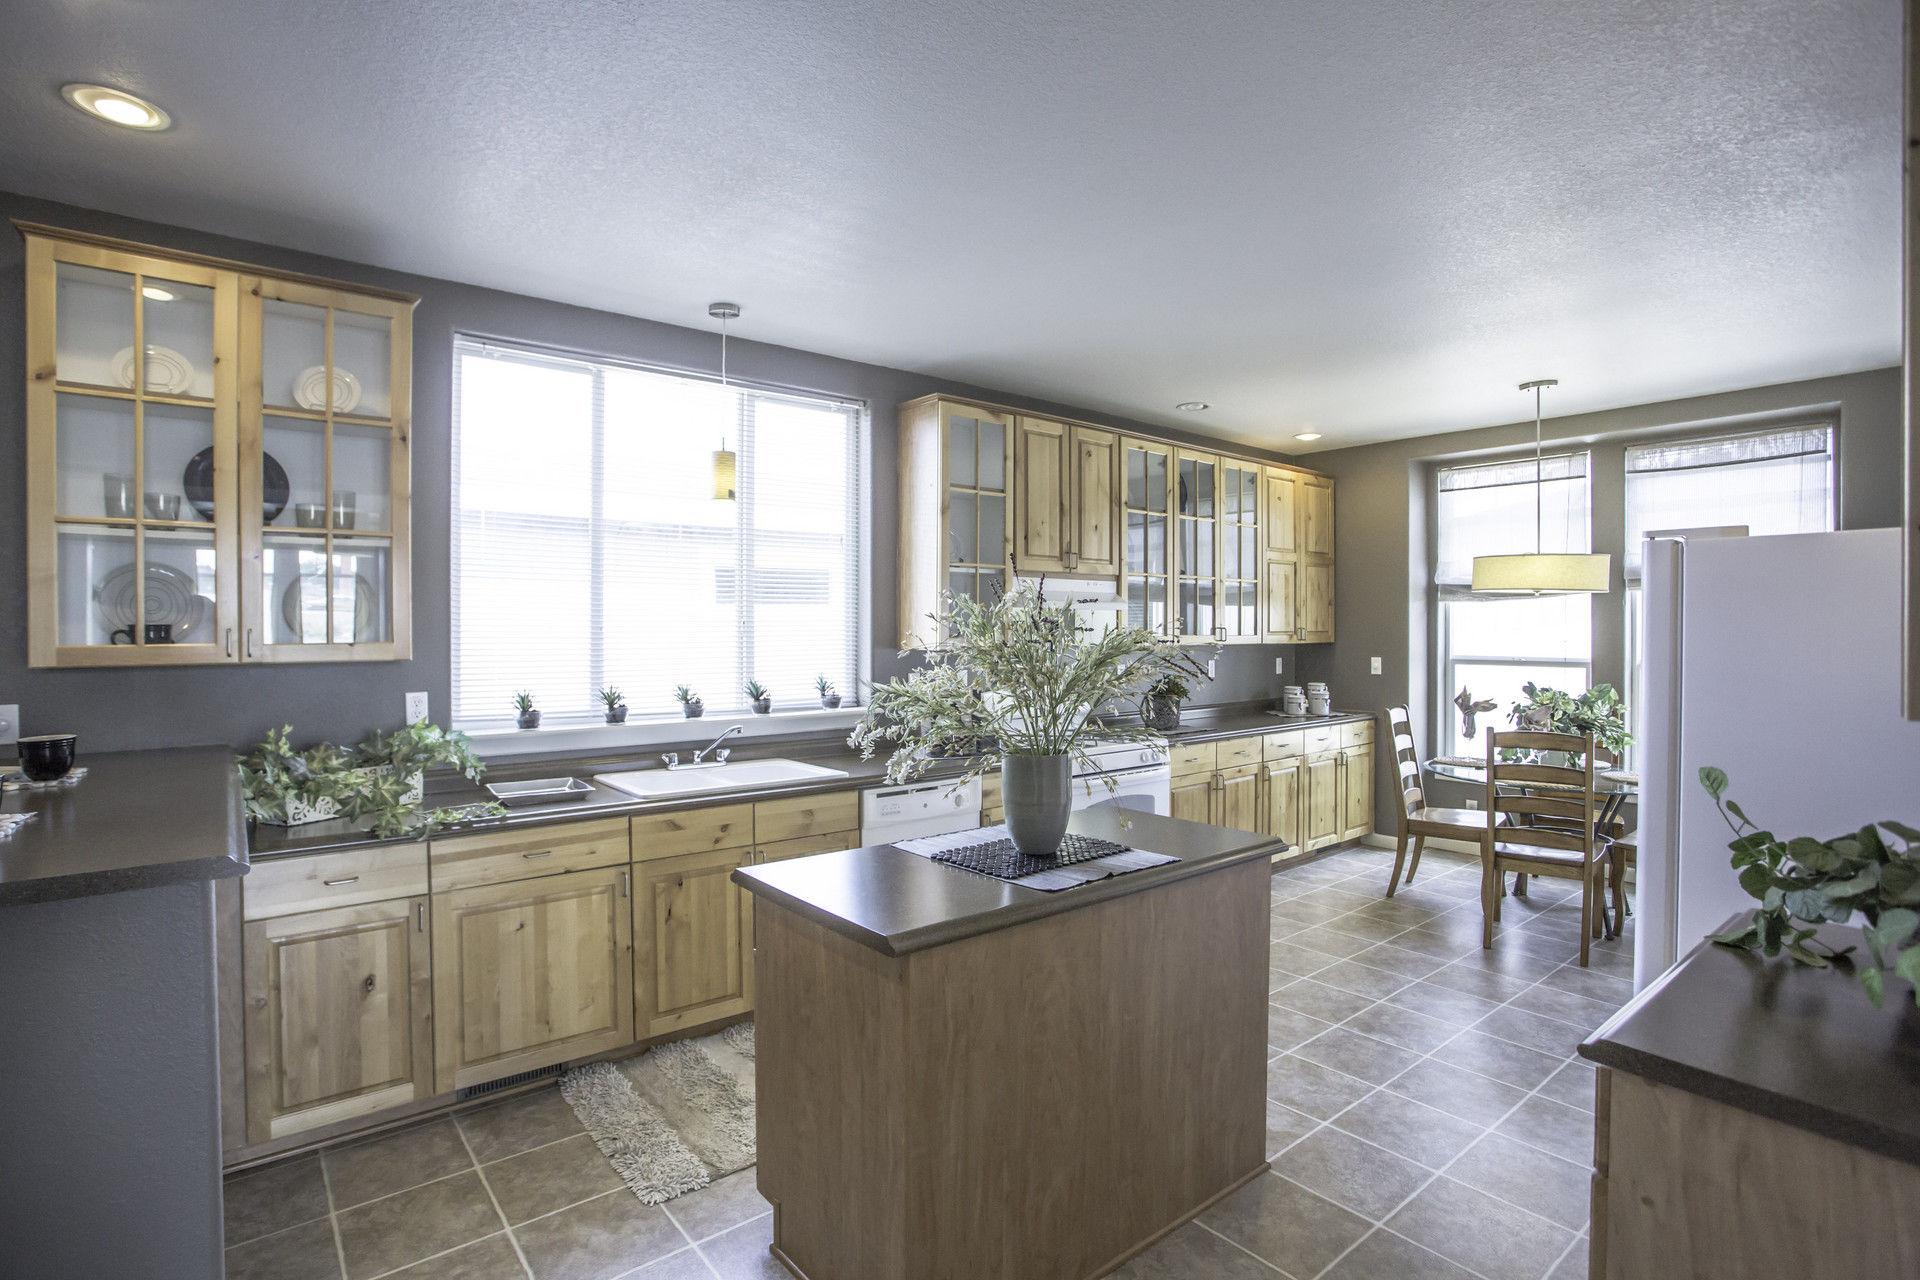 Modular Homes Arkansas >> Karsten (Albuquerque) 3 Bedroom Manufactured Home Karsten RC38 for $152900 | Model K4072A from ...